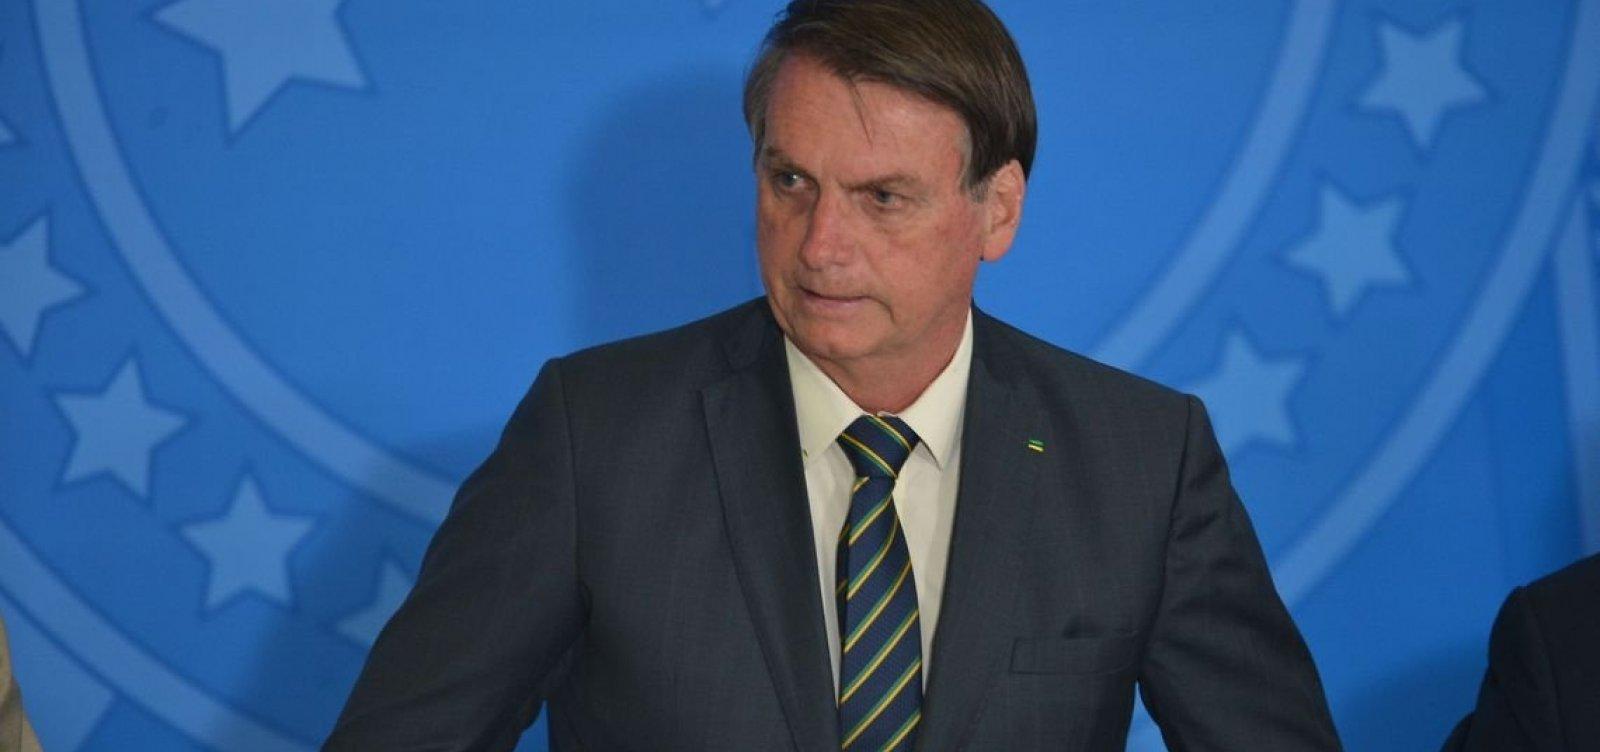 Bolsonaro diz que desmatamento é cultural no Brasil e não acabará